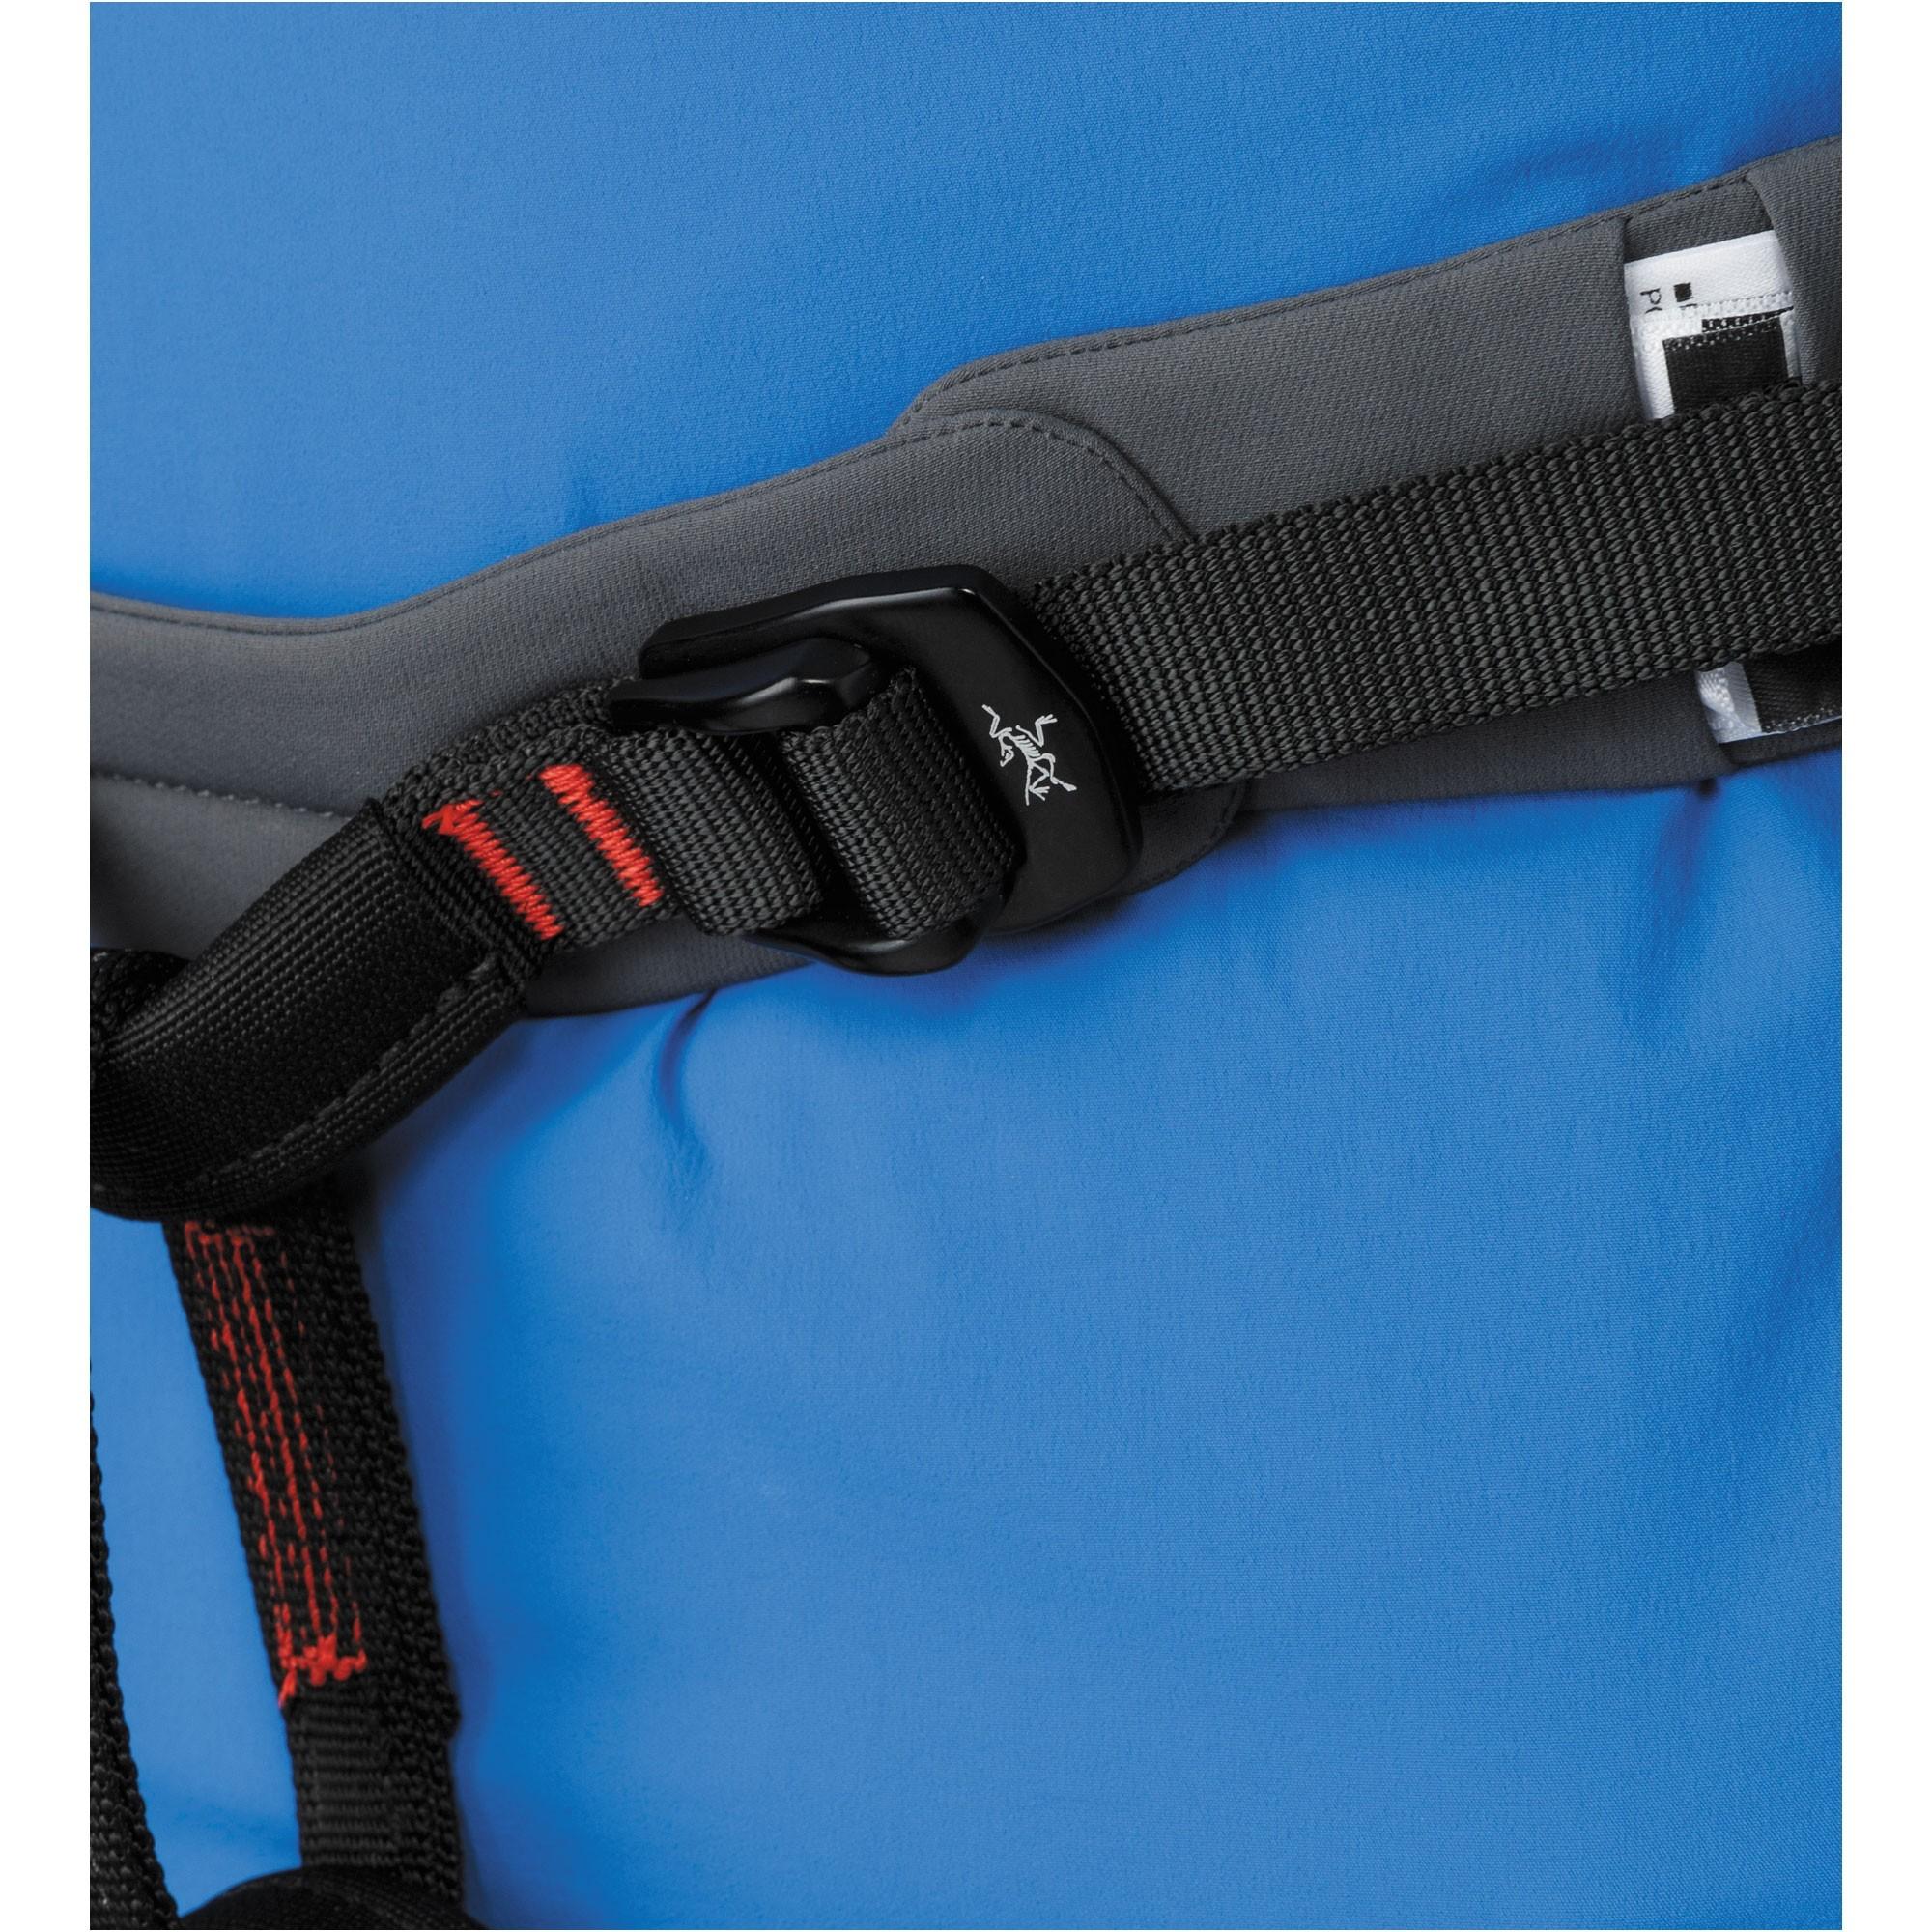 Arcteryx-15996-AR-395a-Harness-M-Pilot-Flare-Waist-Buckle-S18